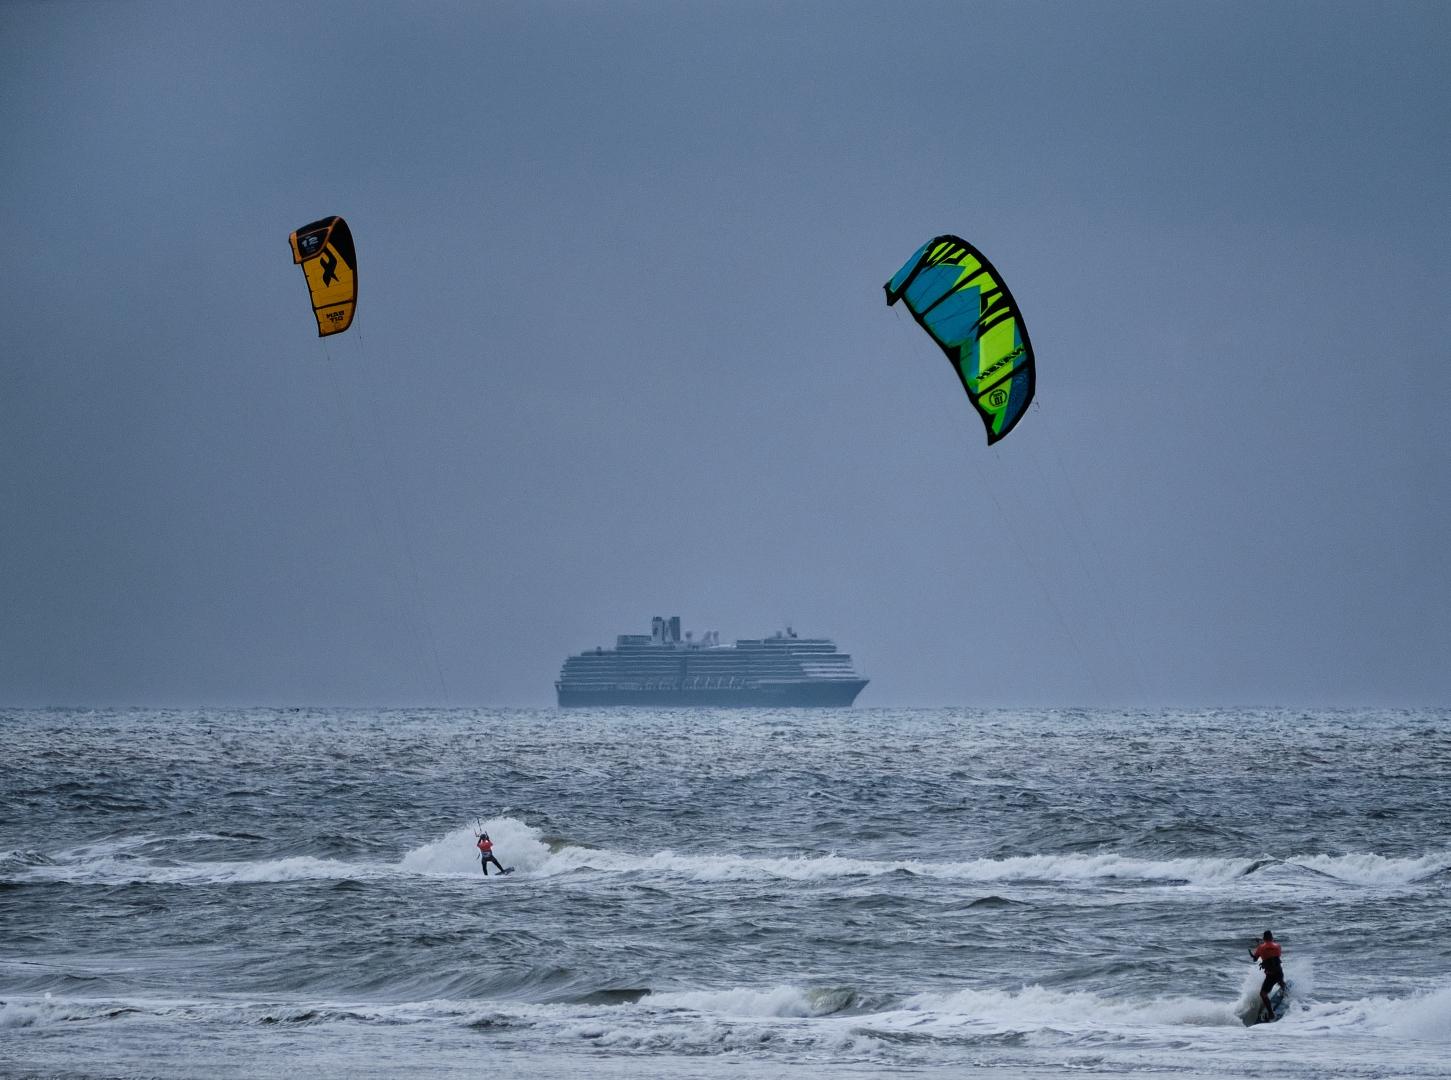 36-josvdhoef-kite-of-cruisen-jpg-05a931654088a6709b5f832546bb9bd8b91f7cfc